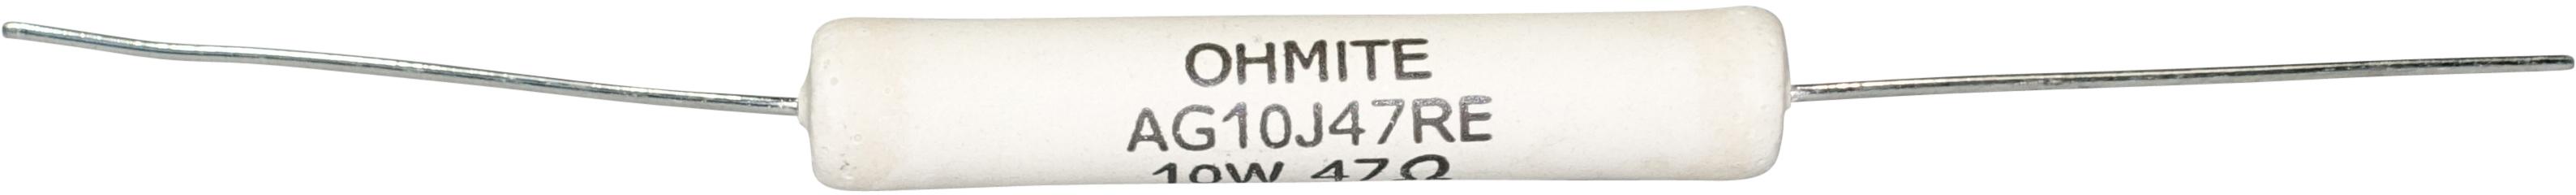 Ohmite Audio Gold 10W - 15 Ohm